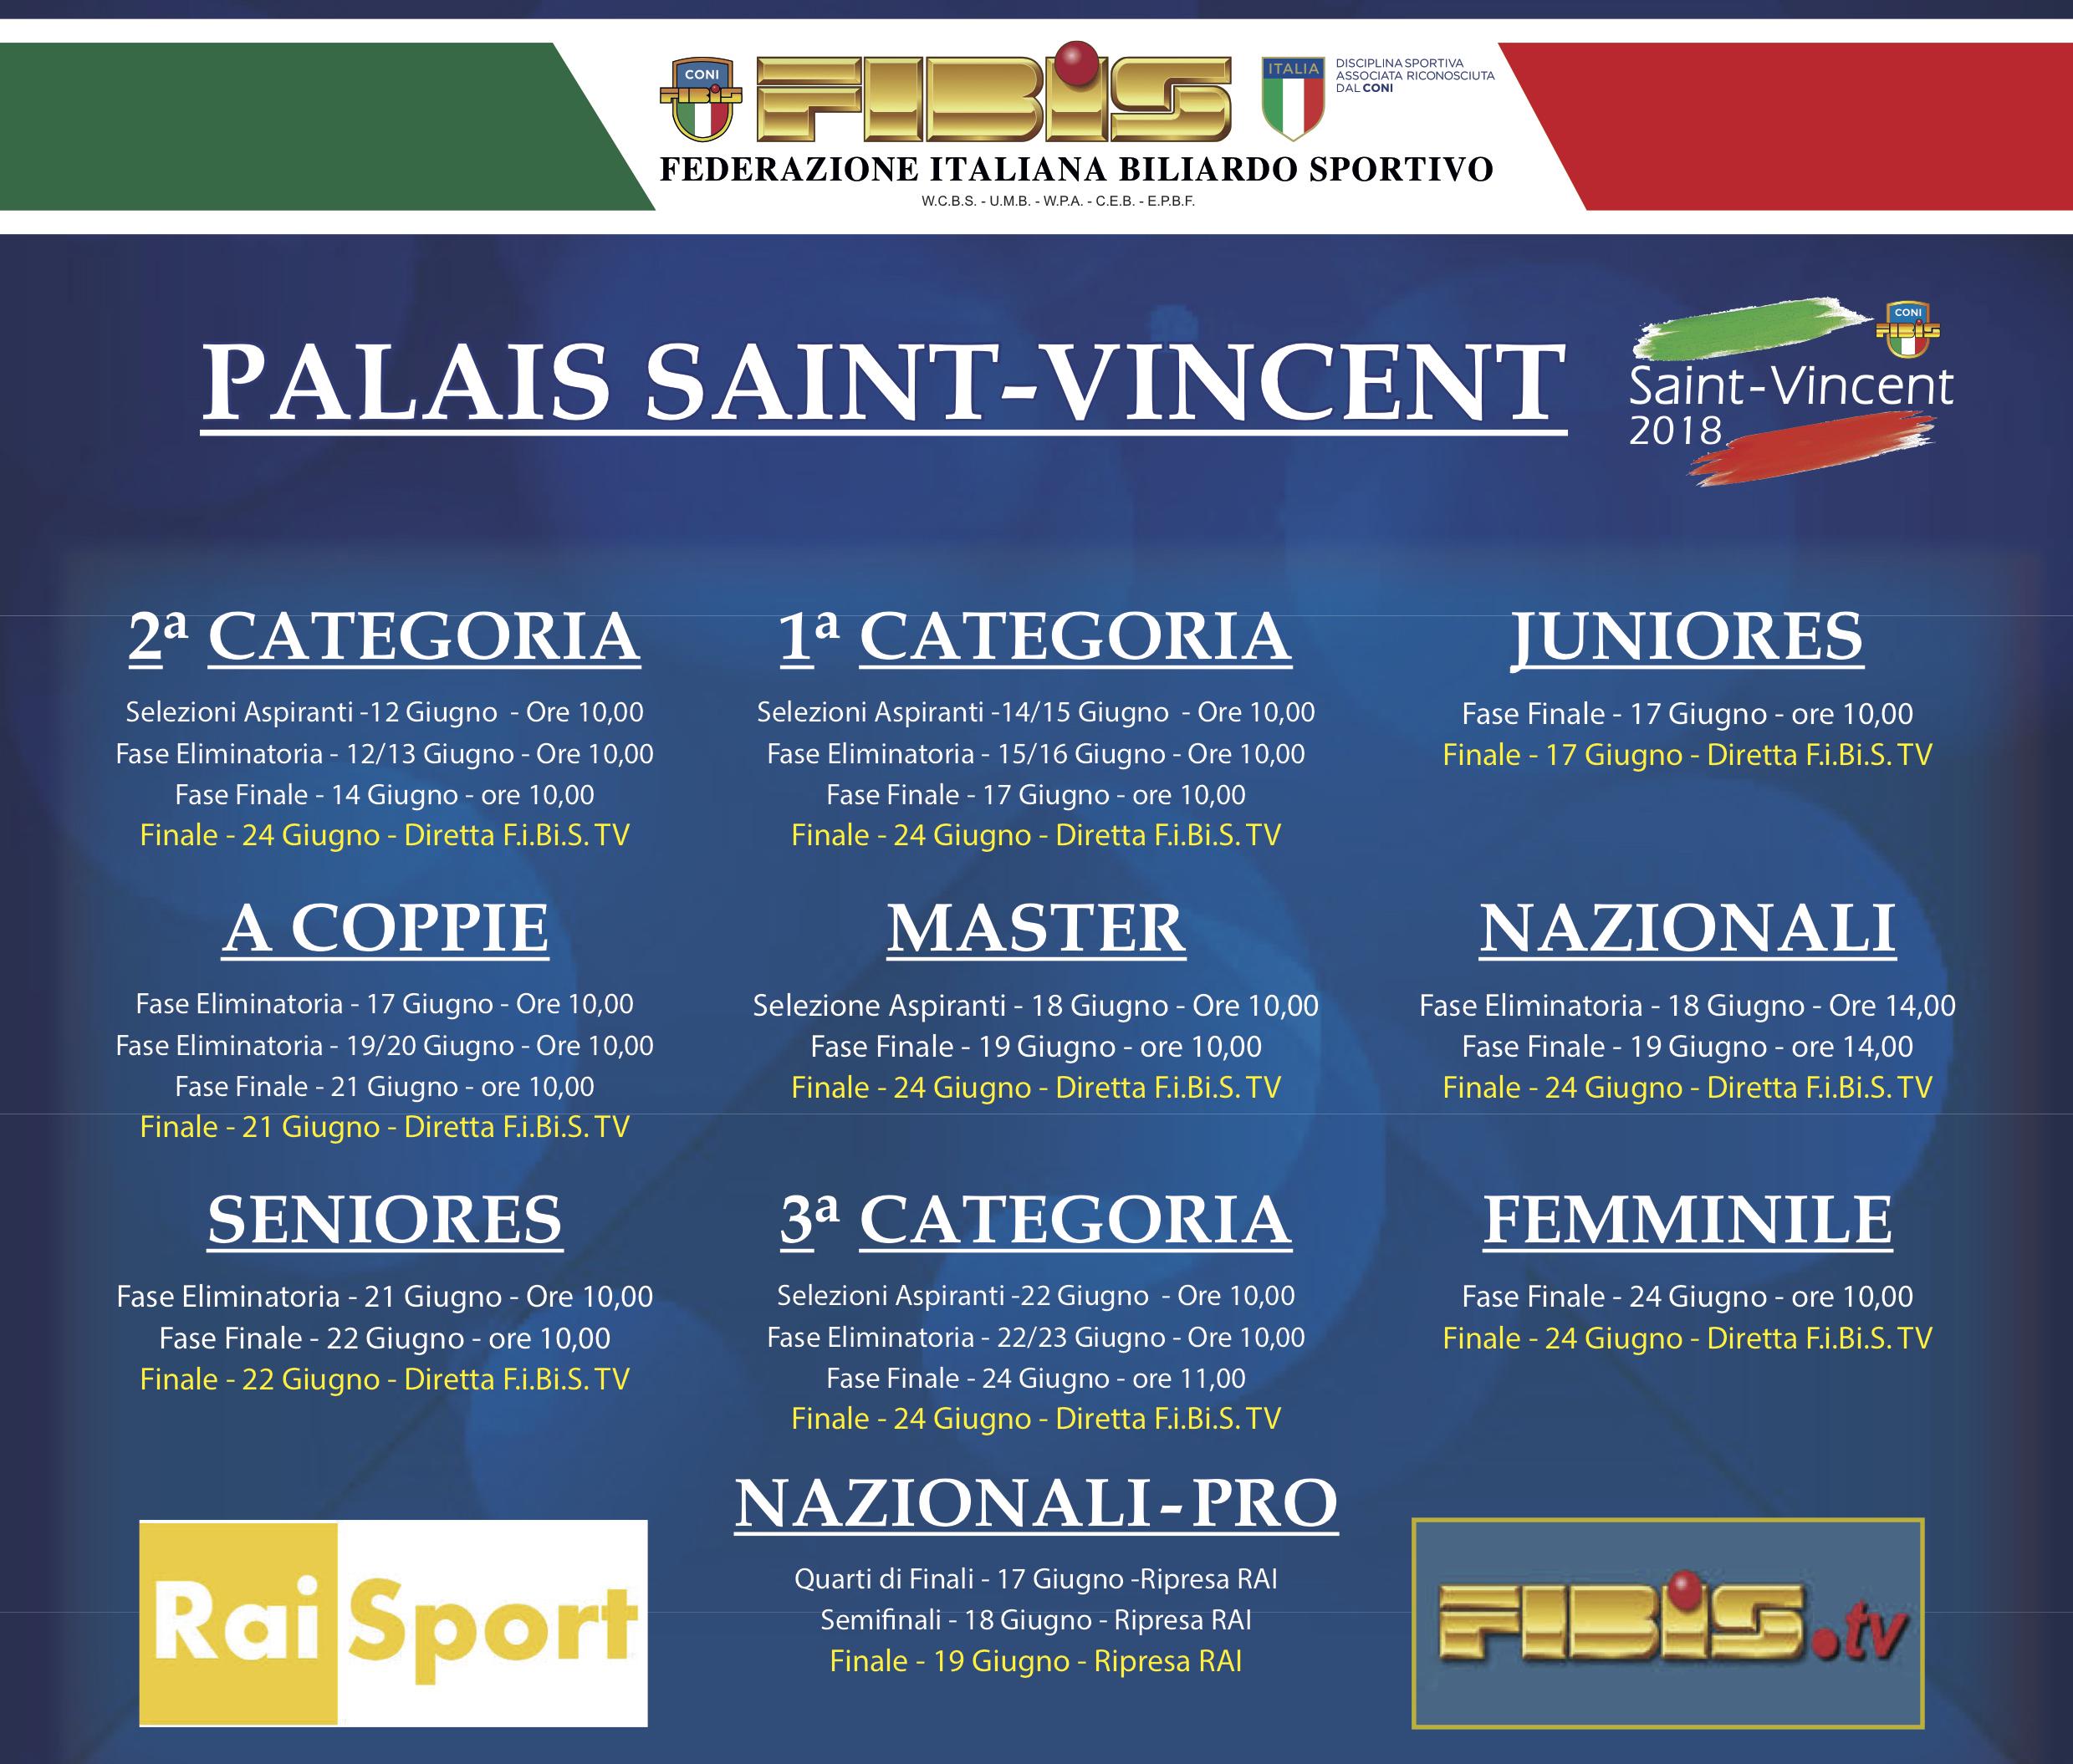 Le Finali del Campionato Italiano di Biliardo 2017 2018: programma per categoria